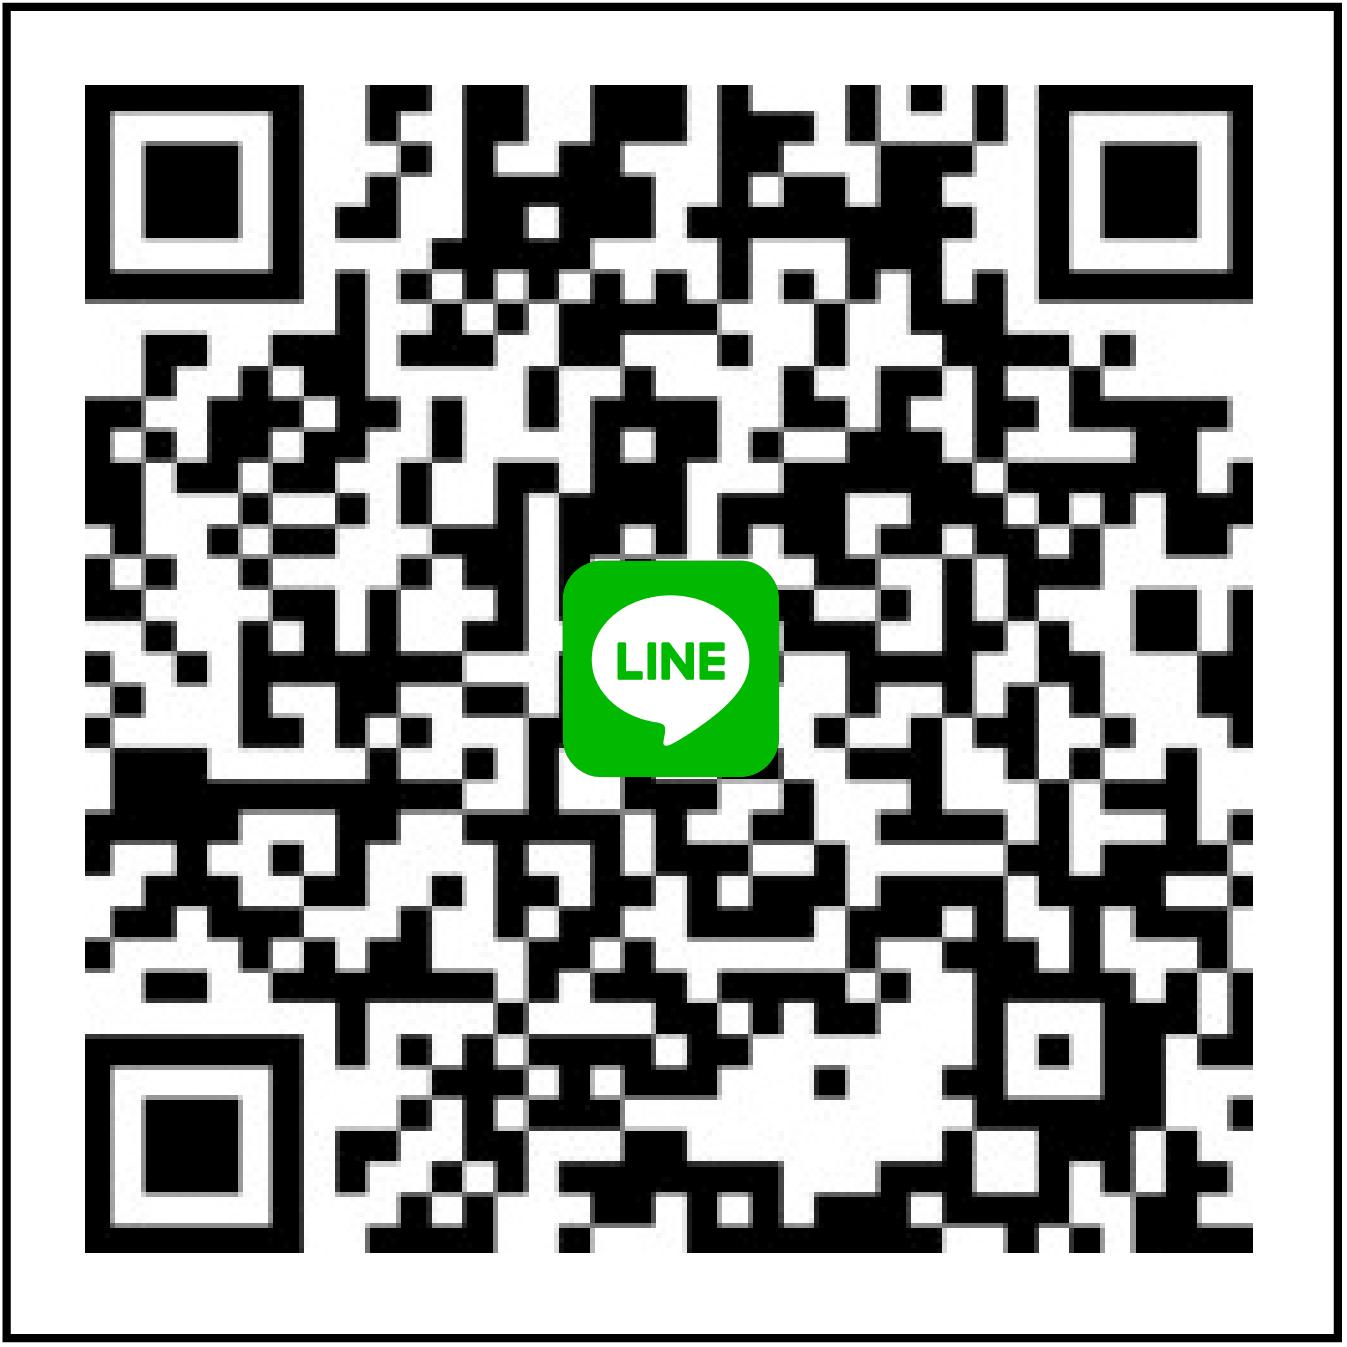 Line@theorange